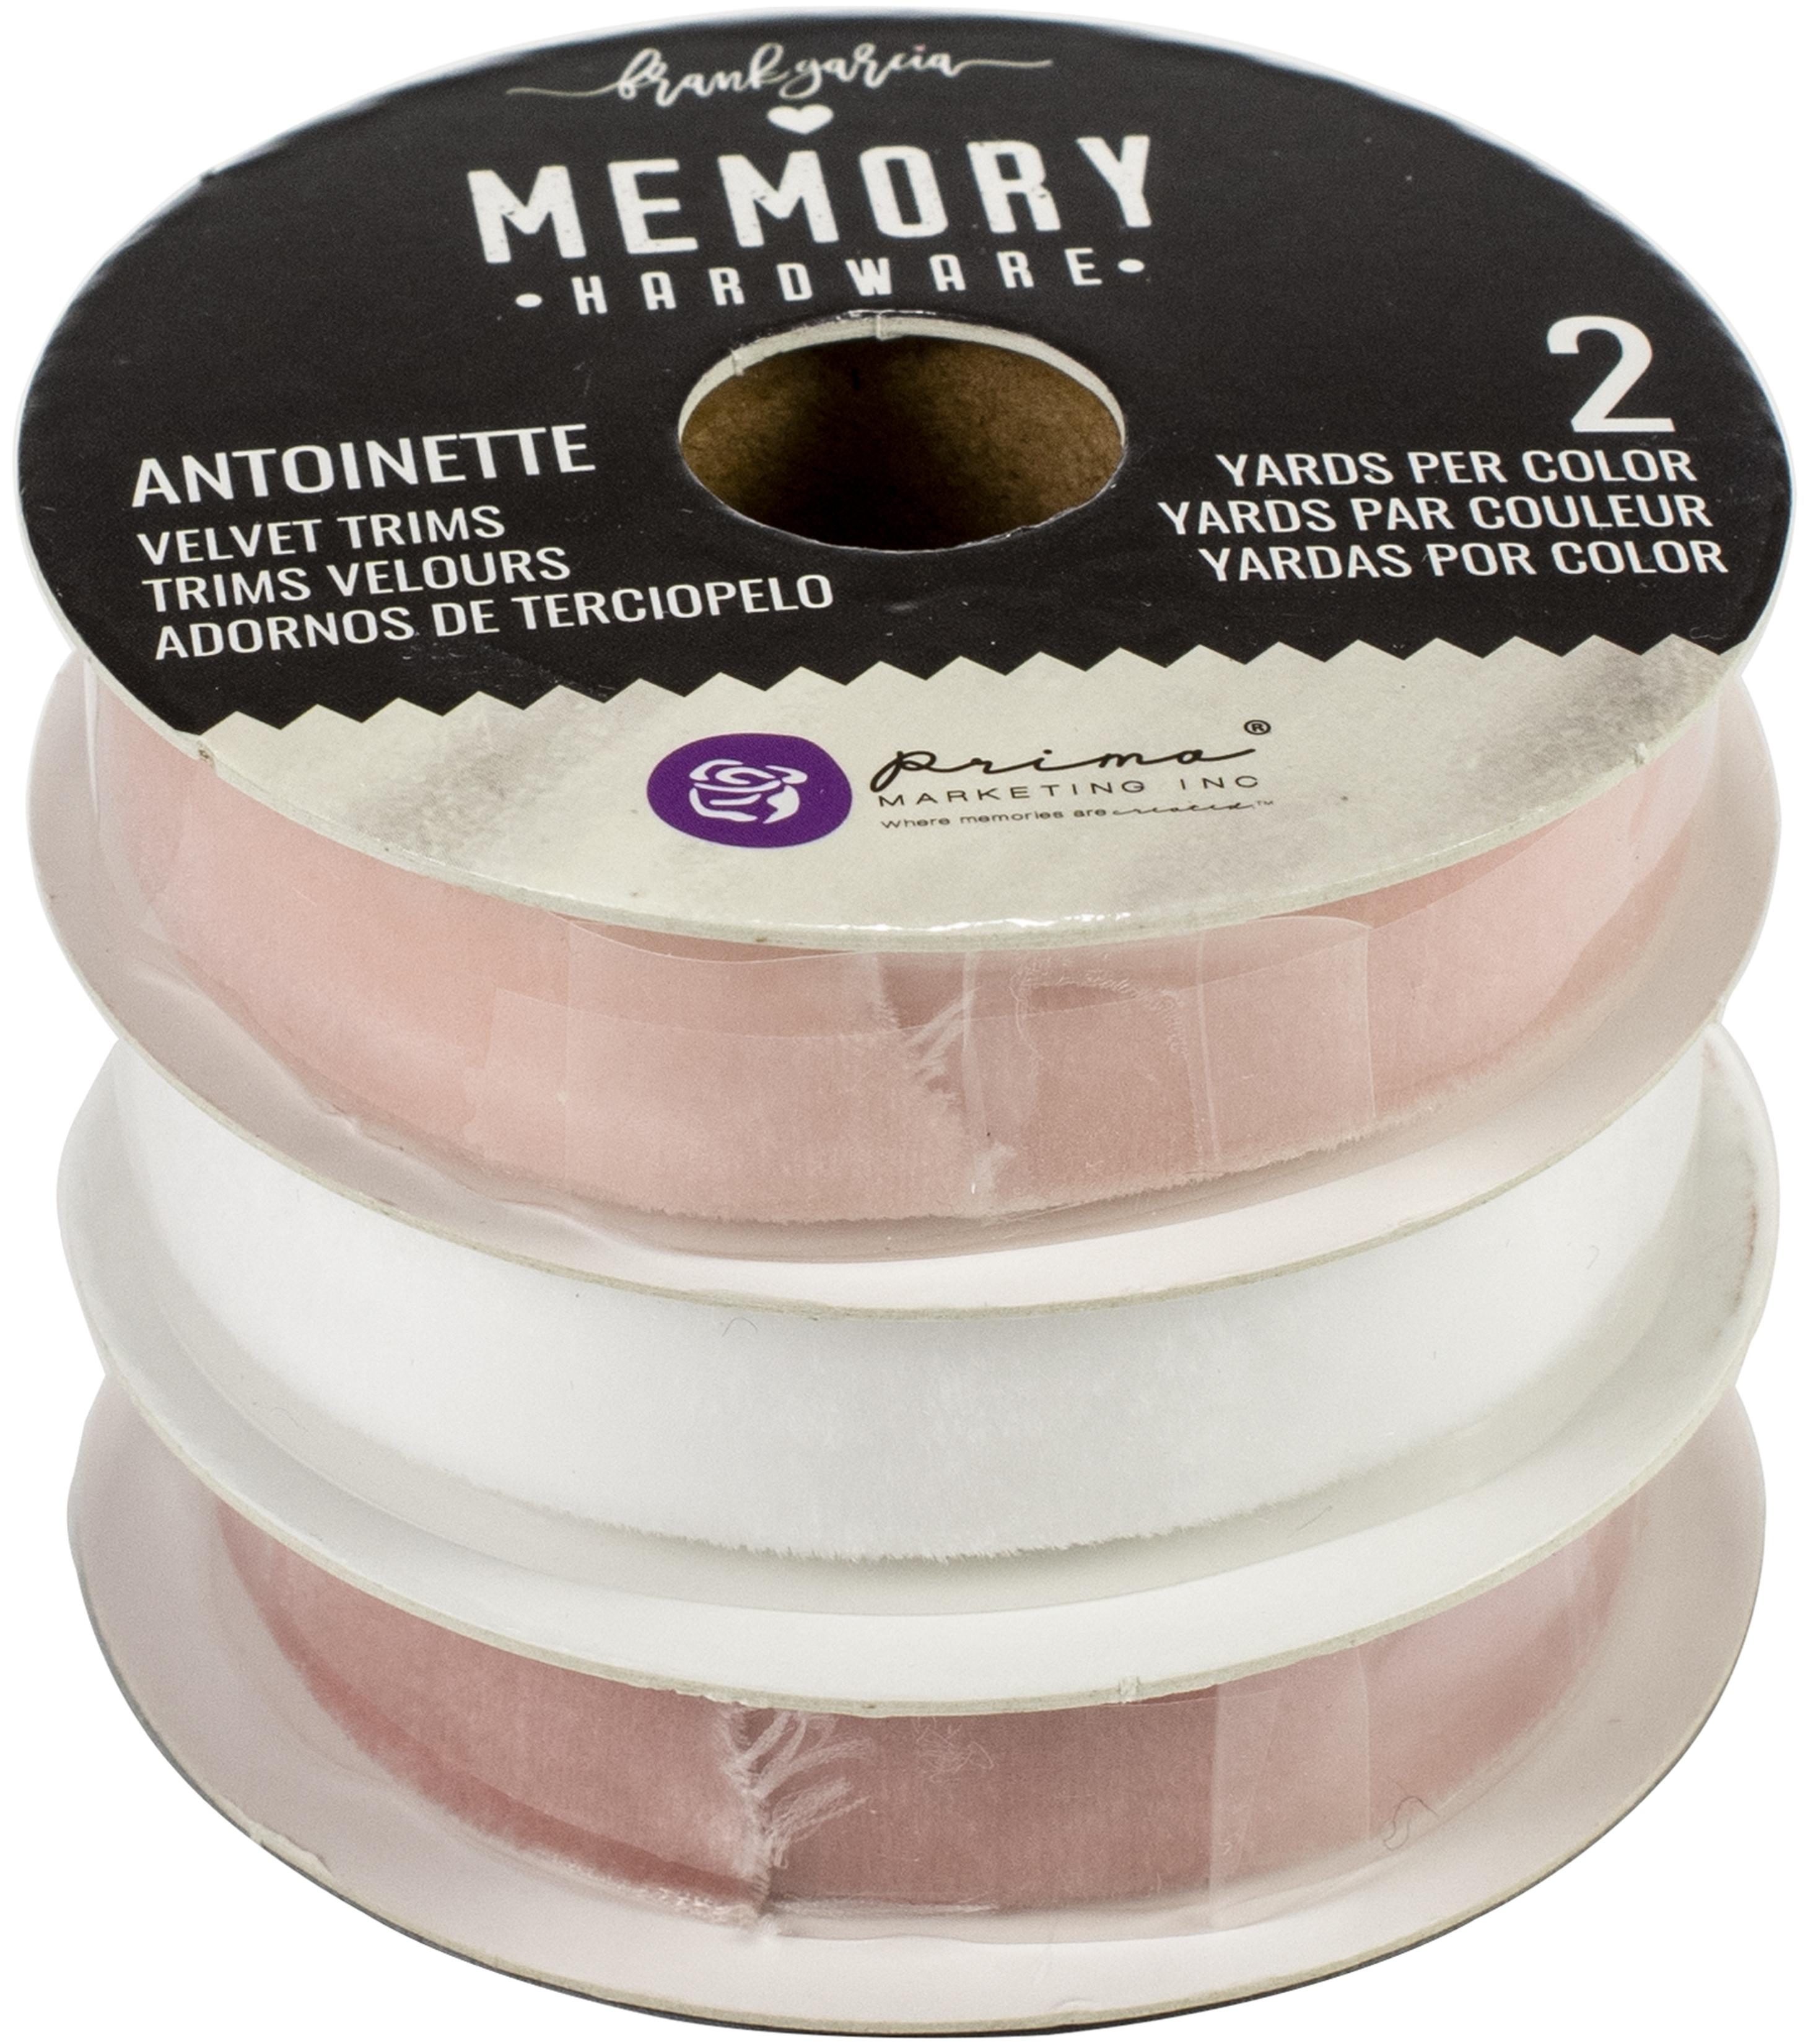 Prima Marketing Memory Hardware Antoinette Velvet Trim 3/Pkg-2 Yards Each